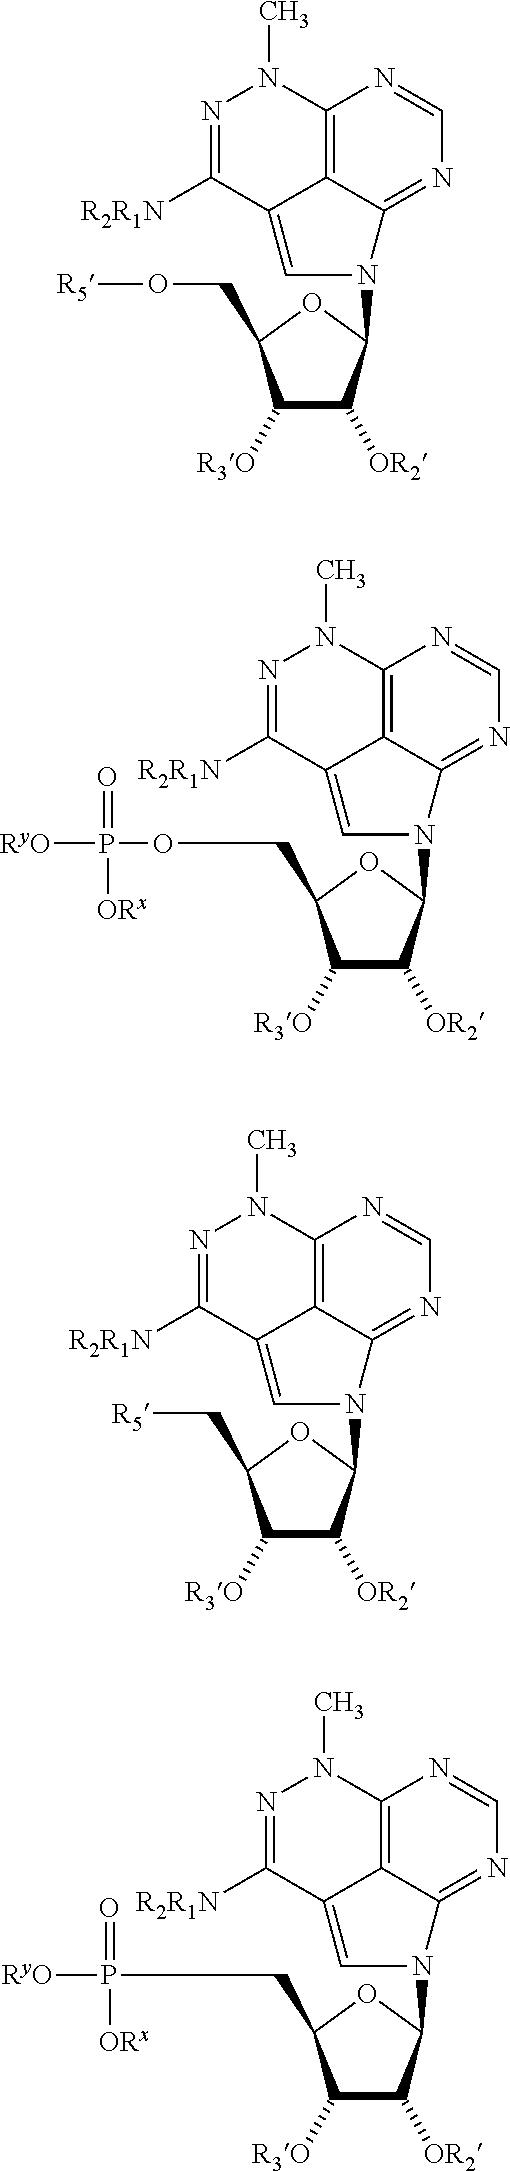 Figure US09186403-20151117-C00002